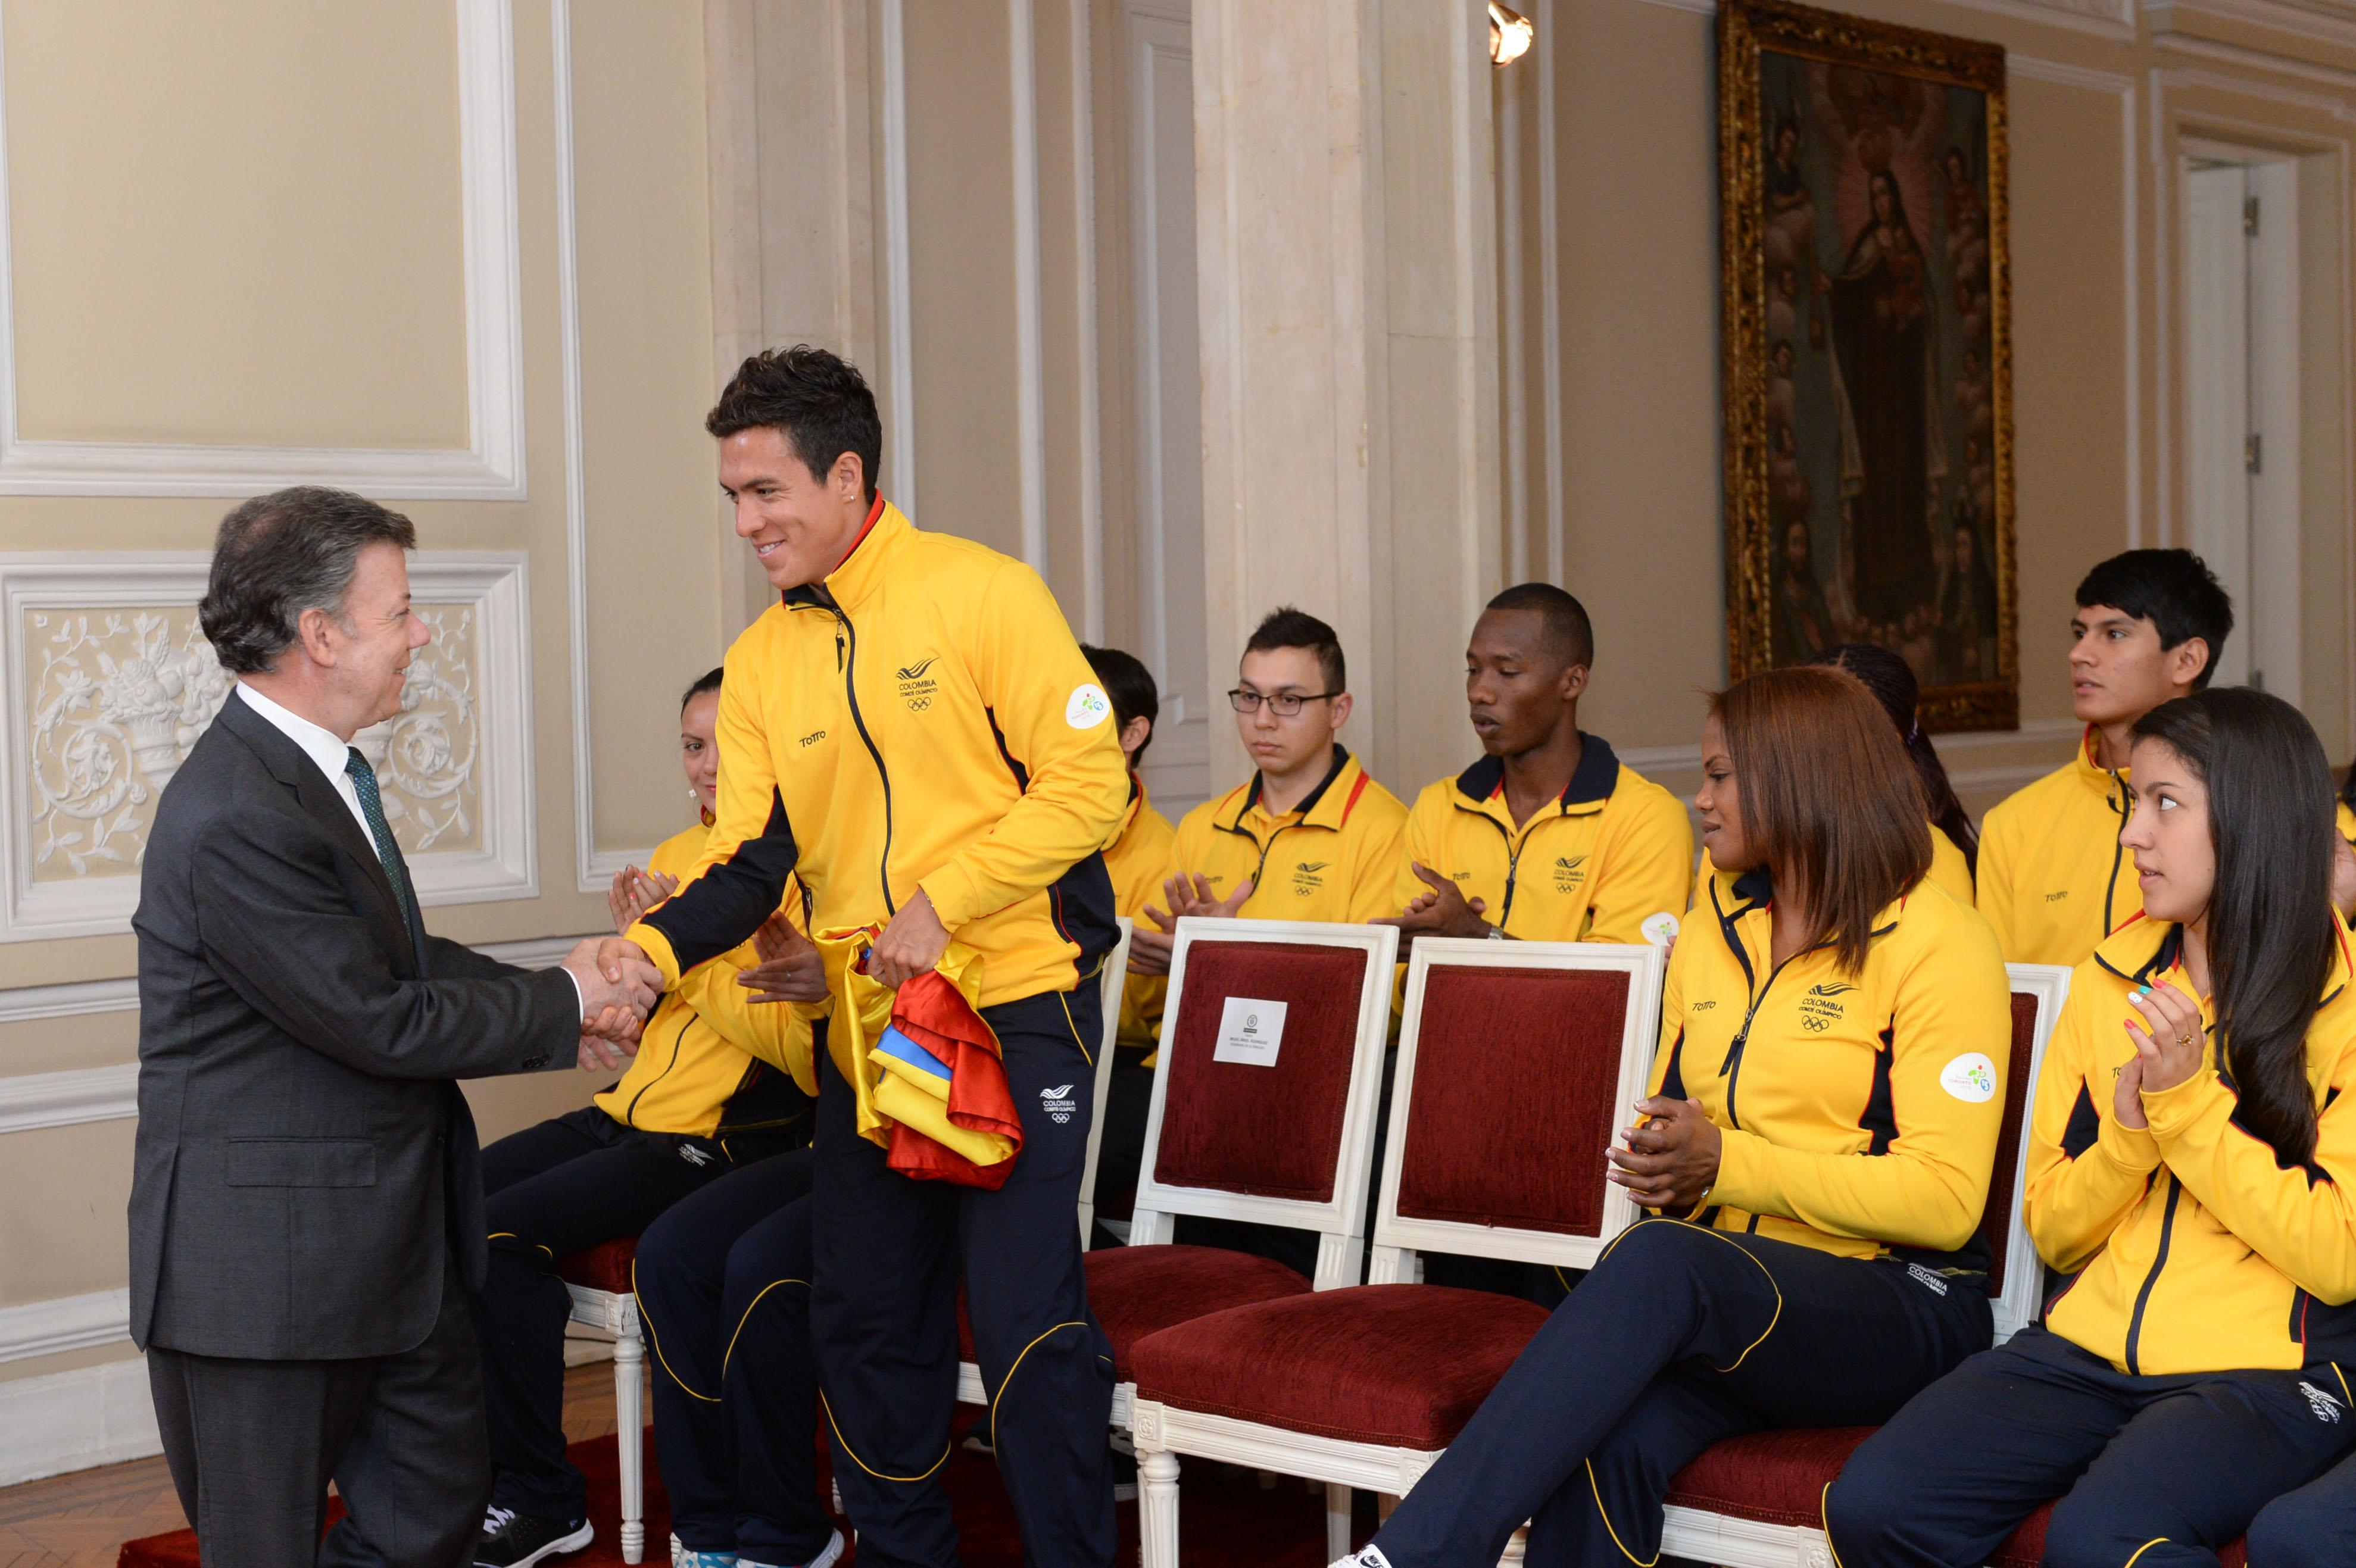 Entrega del Pabellón Nacional a la delegación colombiana que irá a los Juegos Panamericanos en Toronto2